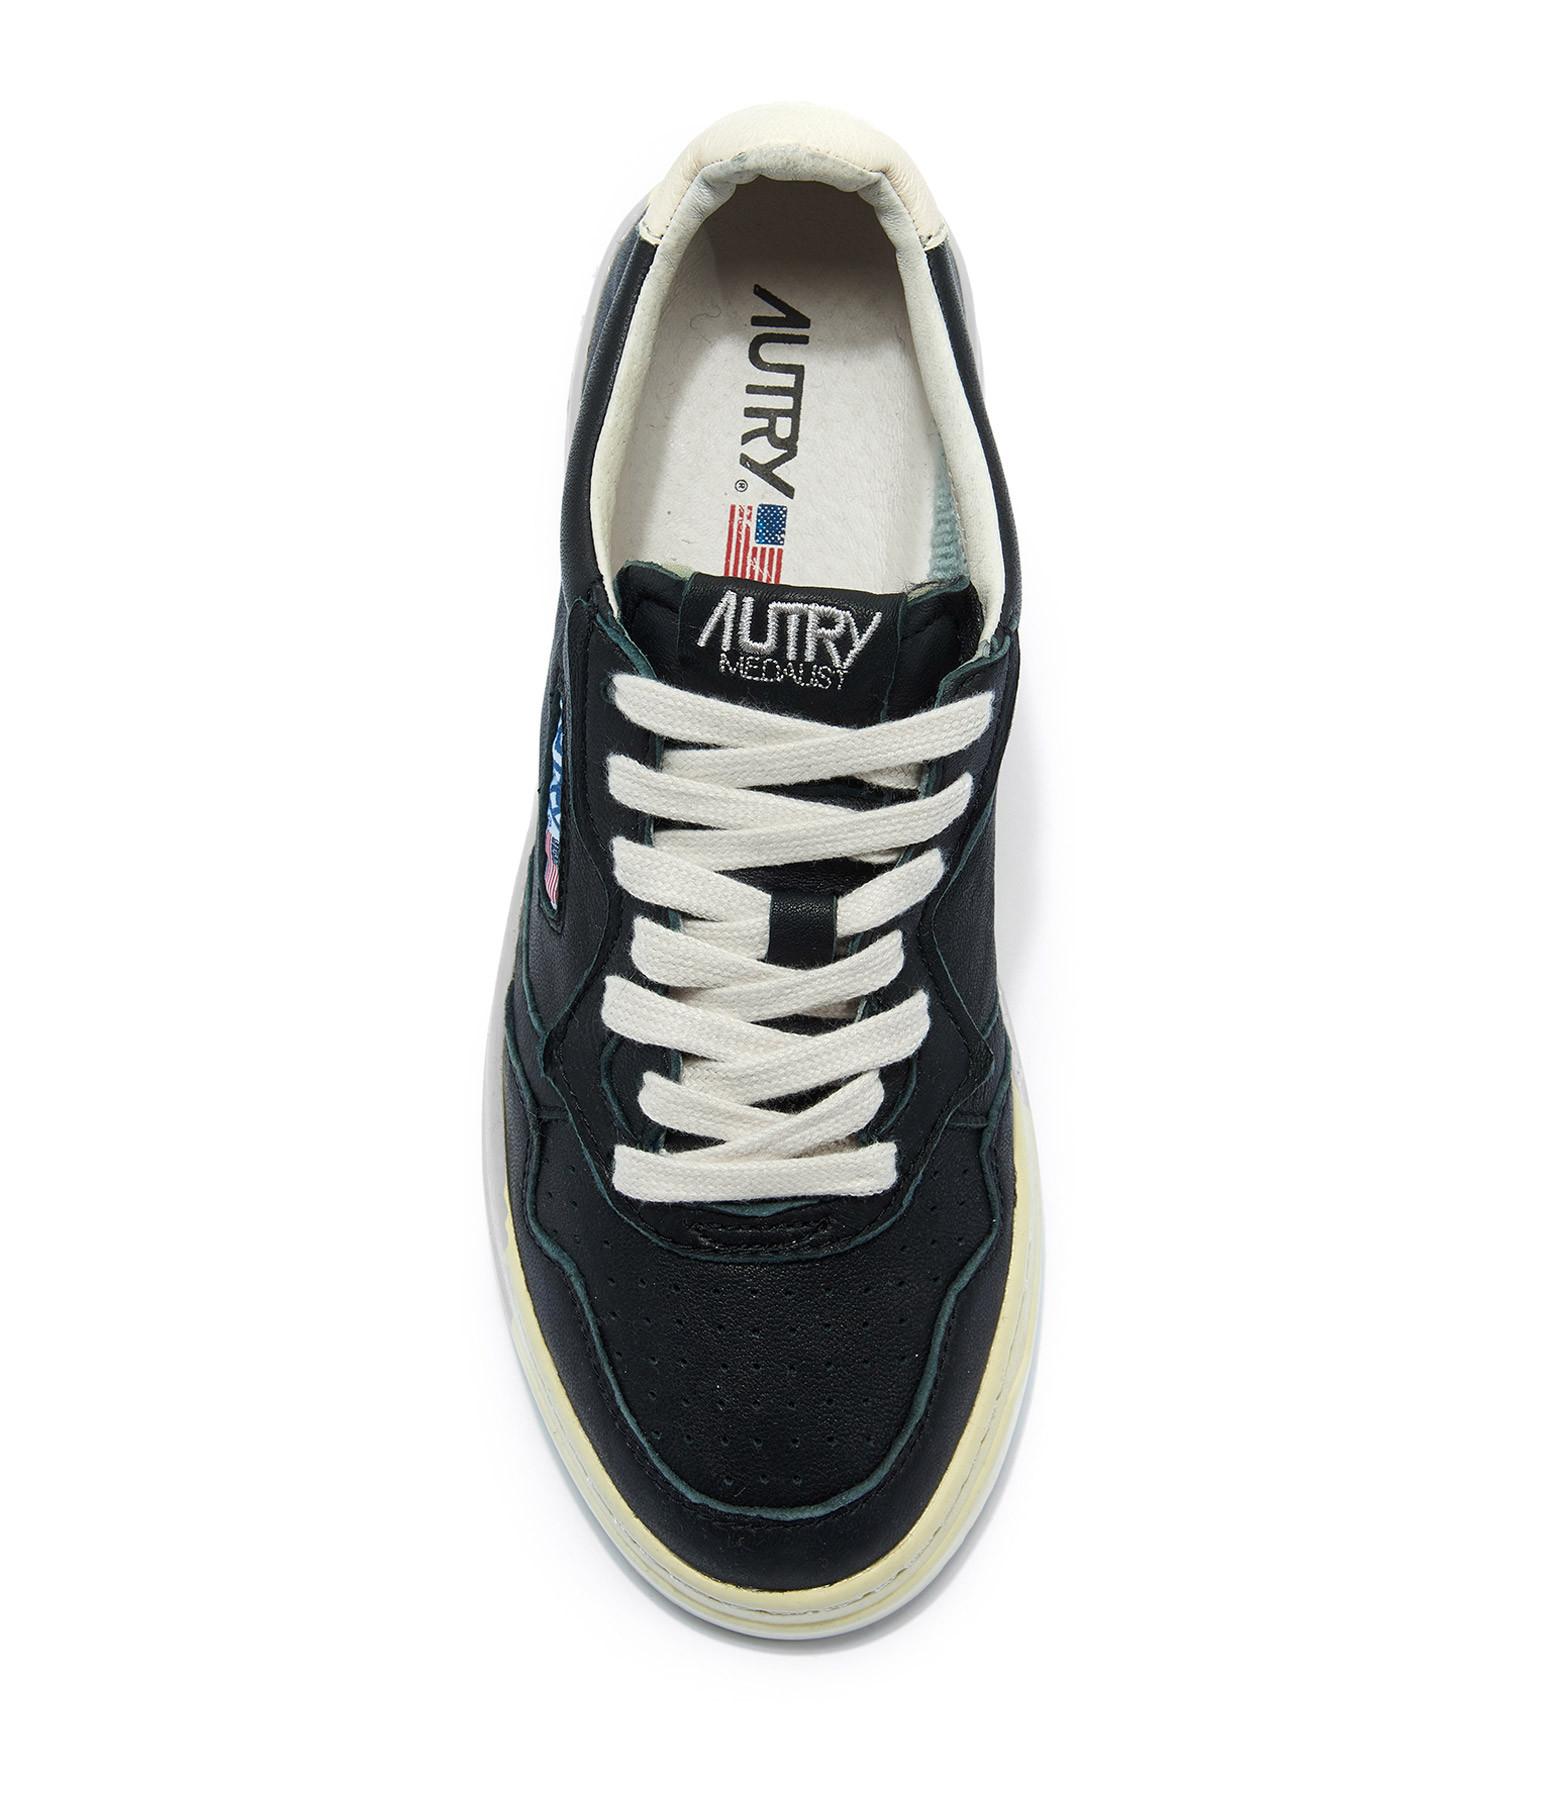 AUTRY - Baskets 01 Low Cuir Noir